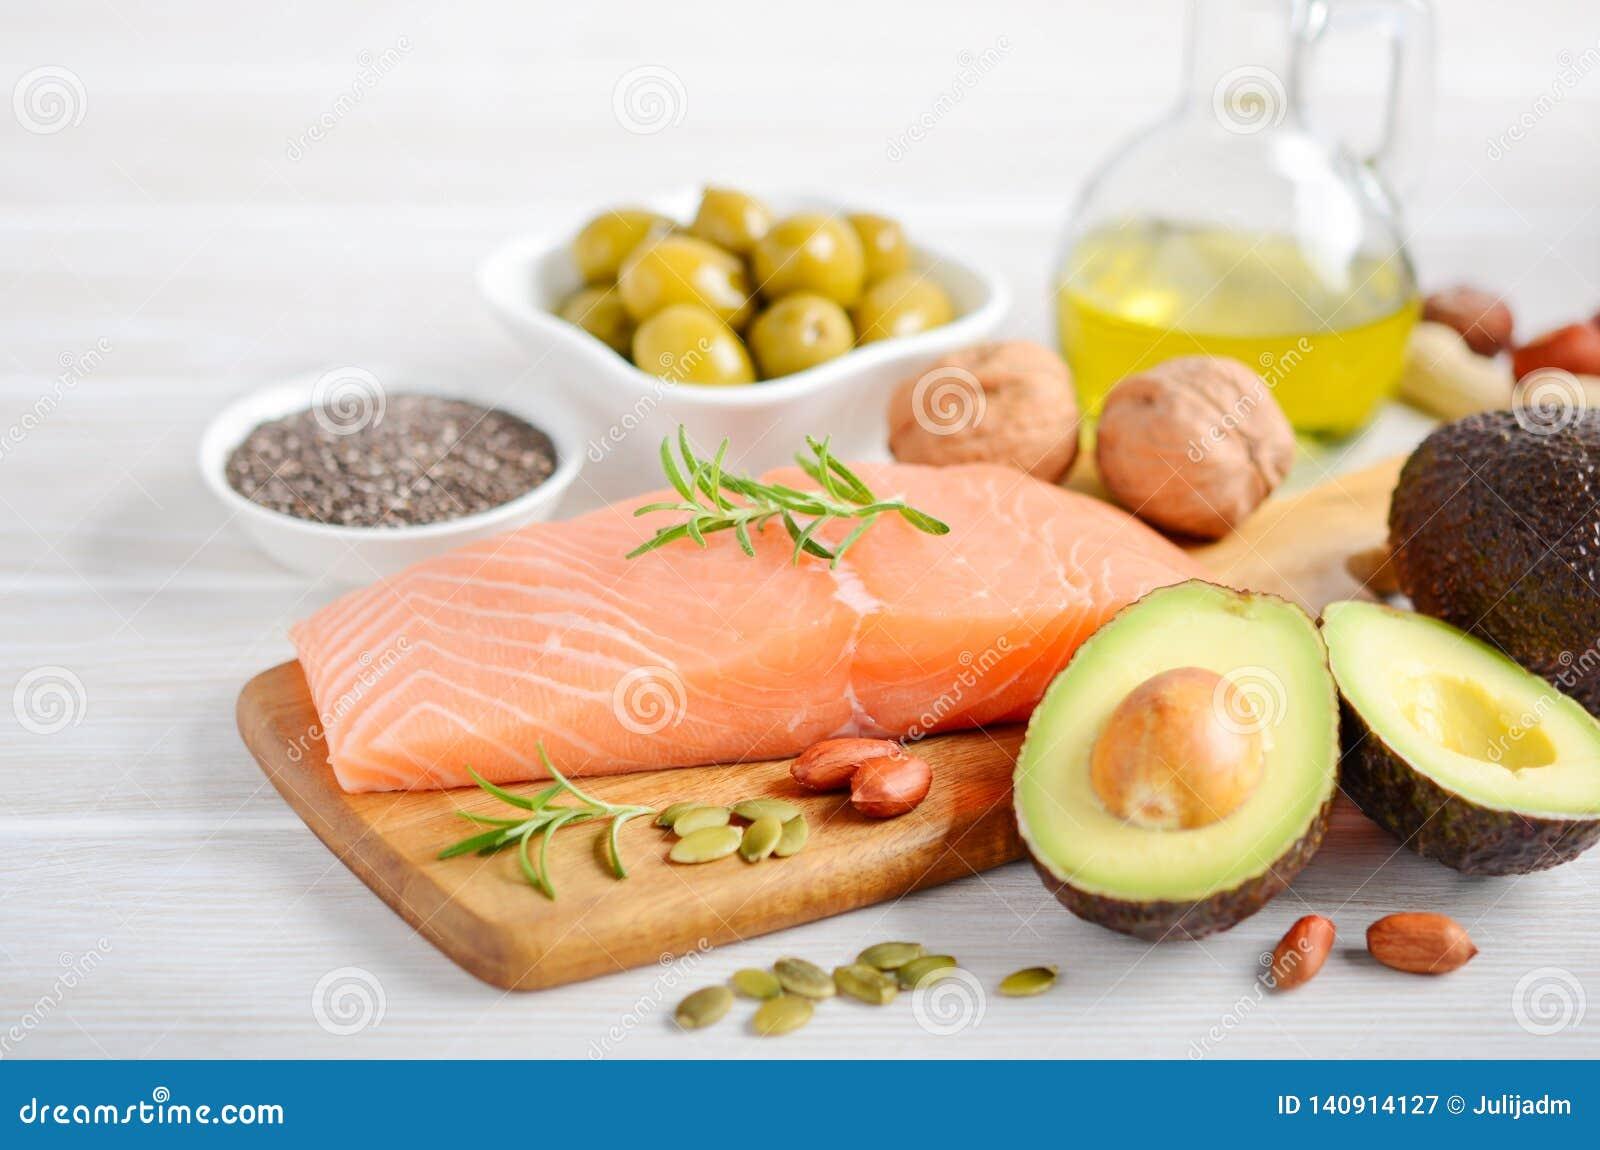 Selectie van gezonde onverzadigde vetten, Omega 3 - vissen, avocado, olijven, noten en zaden